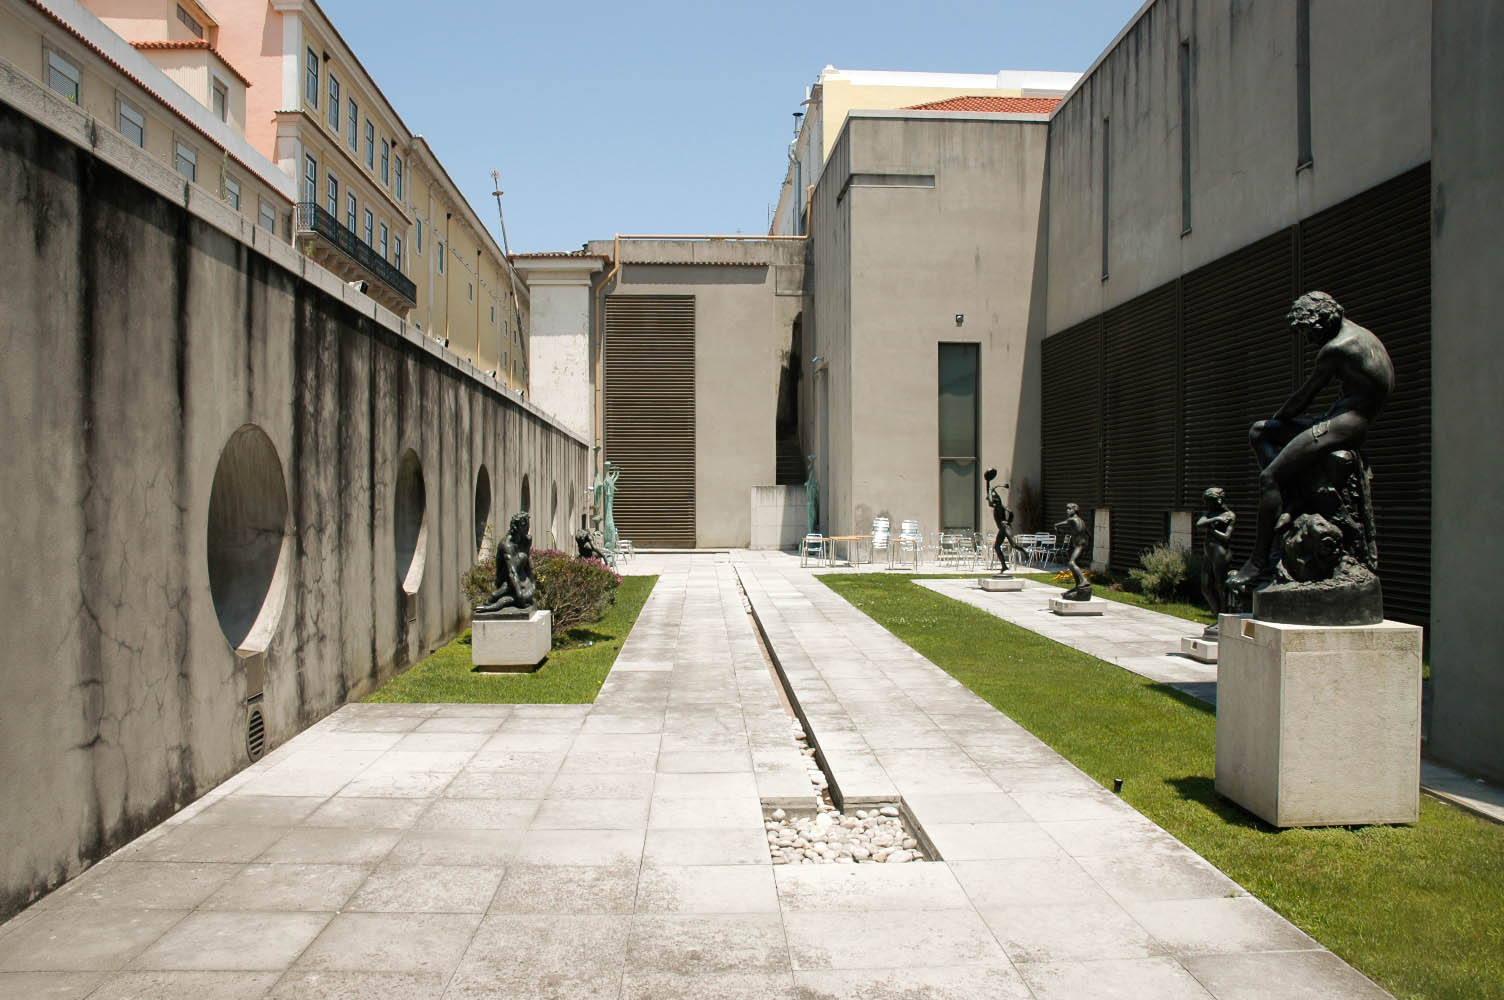 Exterieur du Musee du Chiado - Lisbonne - Photo flickr de Vasco Cortez